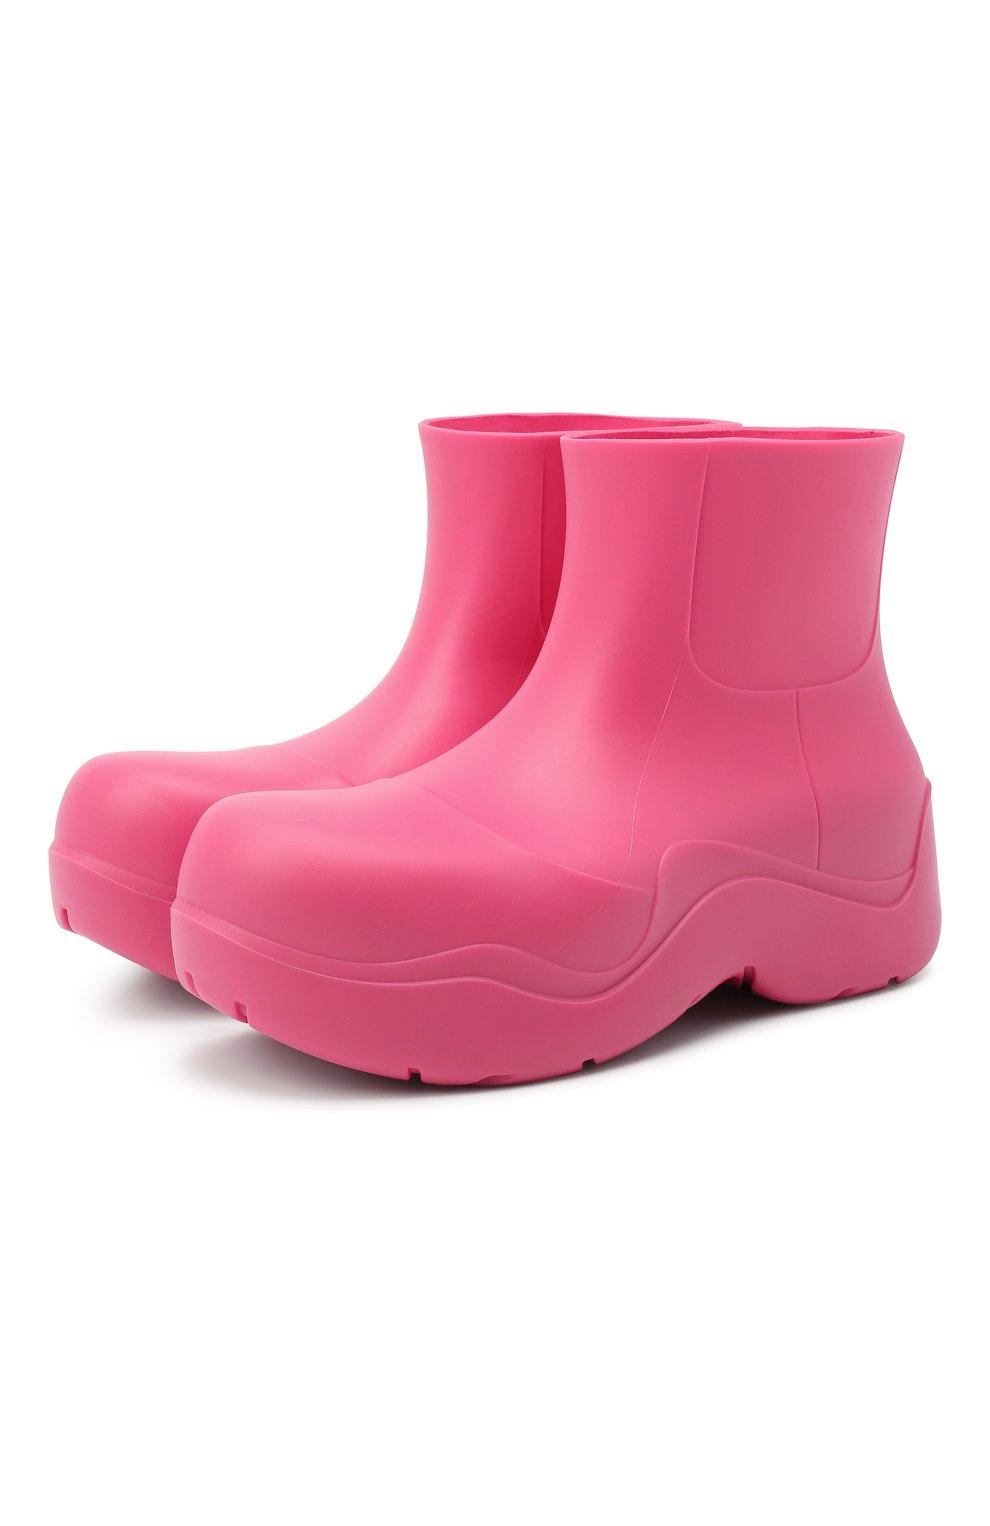 Женские сапоги bv puddle BOTTEGA VENETA розового цвета, арт. 640045/V00P0 | Фото 1 (Подошва: Платформа; Женское Кросс-КТ: Без шнуровки-ботинки; Материал внутренний: Натуральная кожа, Текстиль; Высота голенища: Низкие; Каблук высота: Средний; Каблук тип: Устойчивый; Материал внешний: Резина)